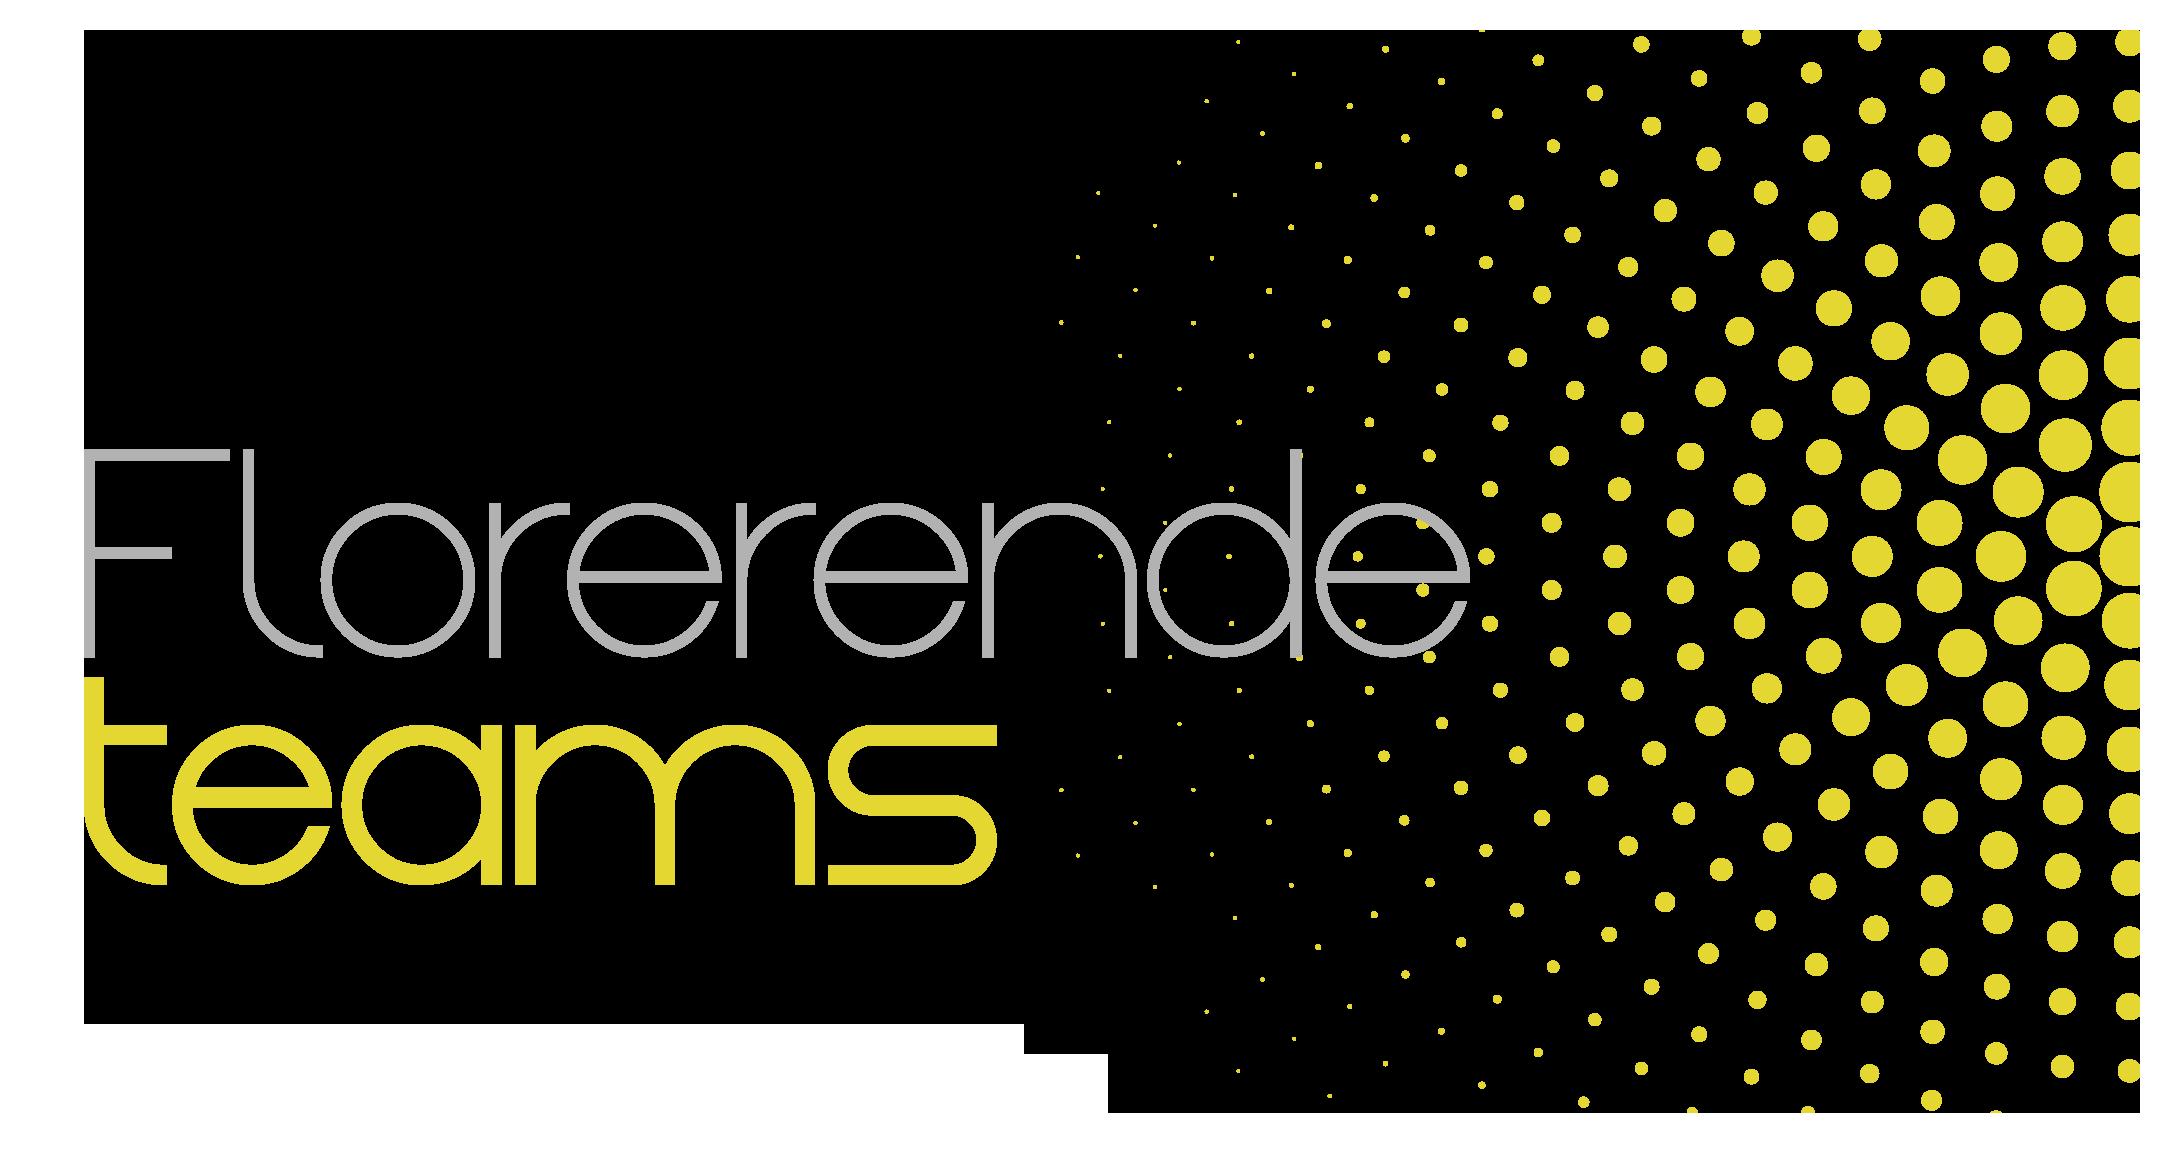 logo_florerendeteams